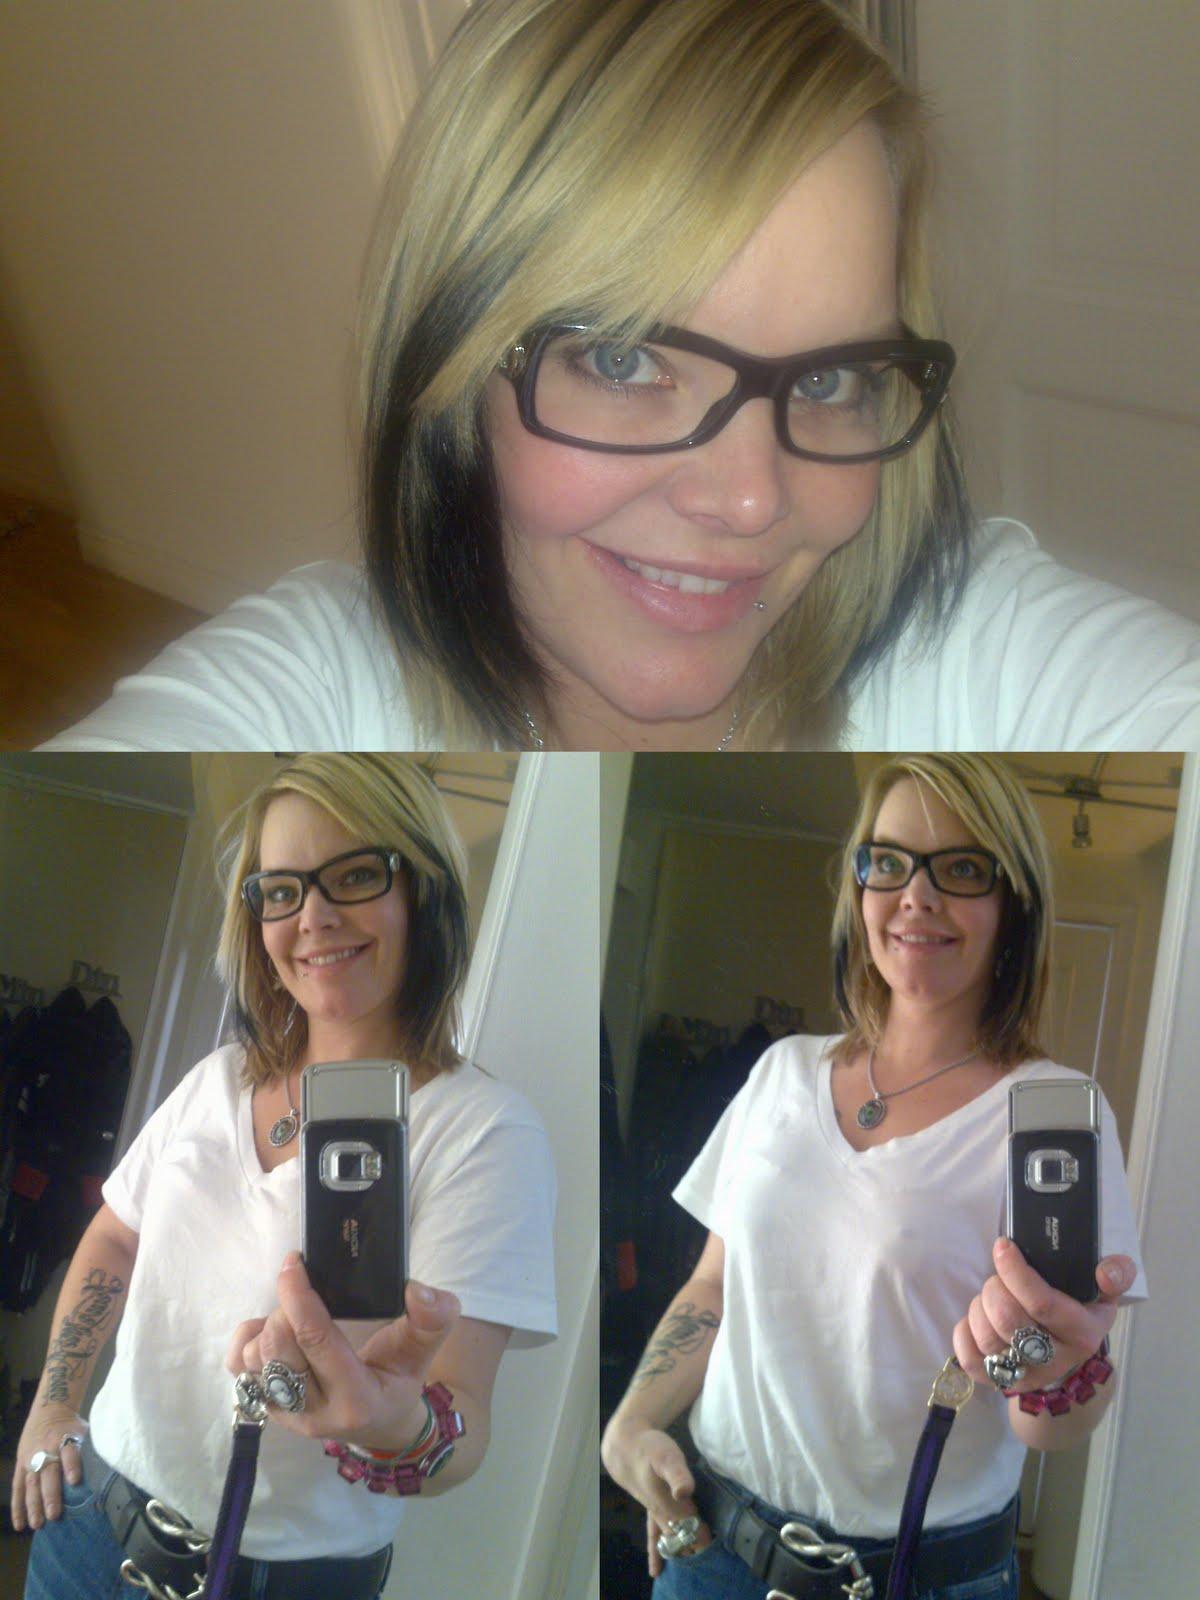 [anette+black+glasses.jpg]